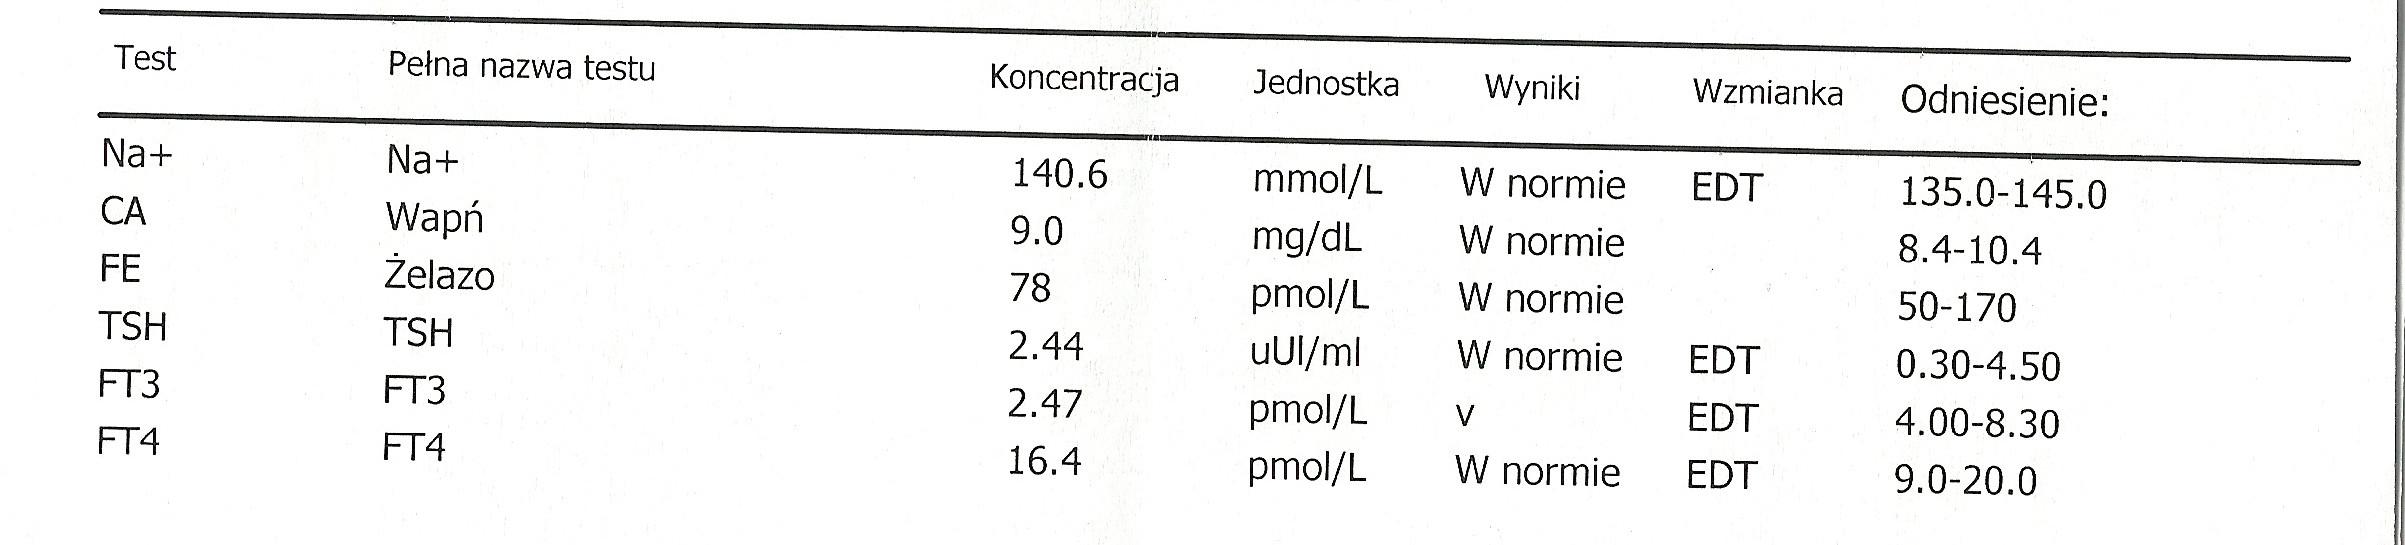 Glodne_pl-Karta informacyjna leczenia szpitalnego w oddziale psychiatrii (anorekcja, bulimia), badania laboratoryjne-2